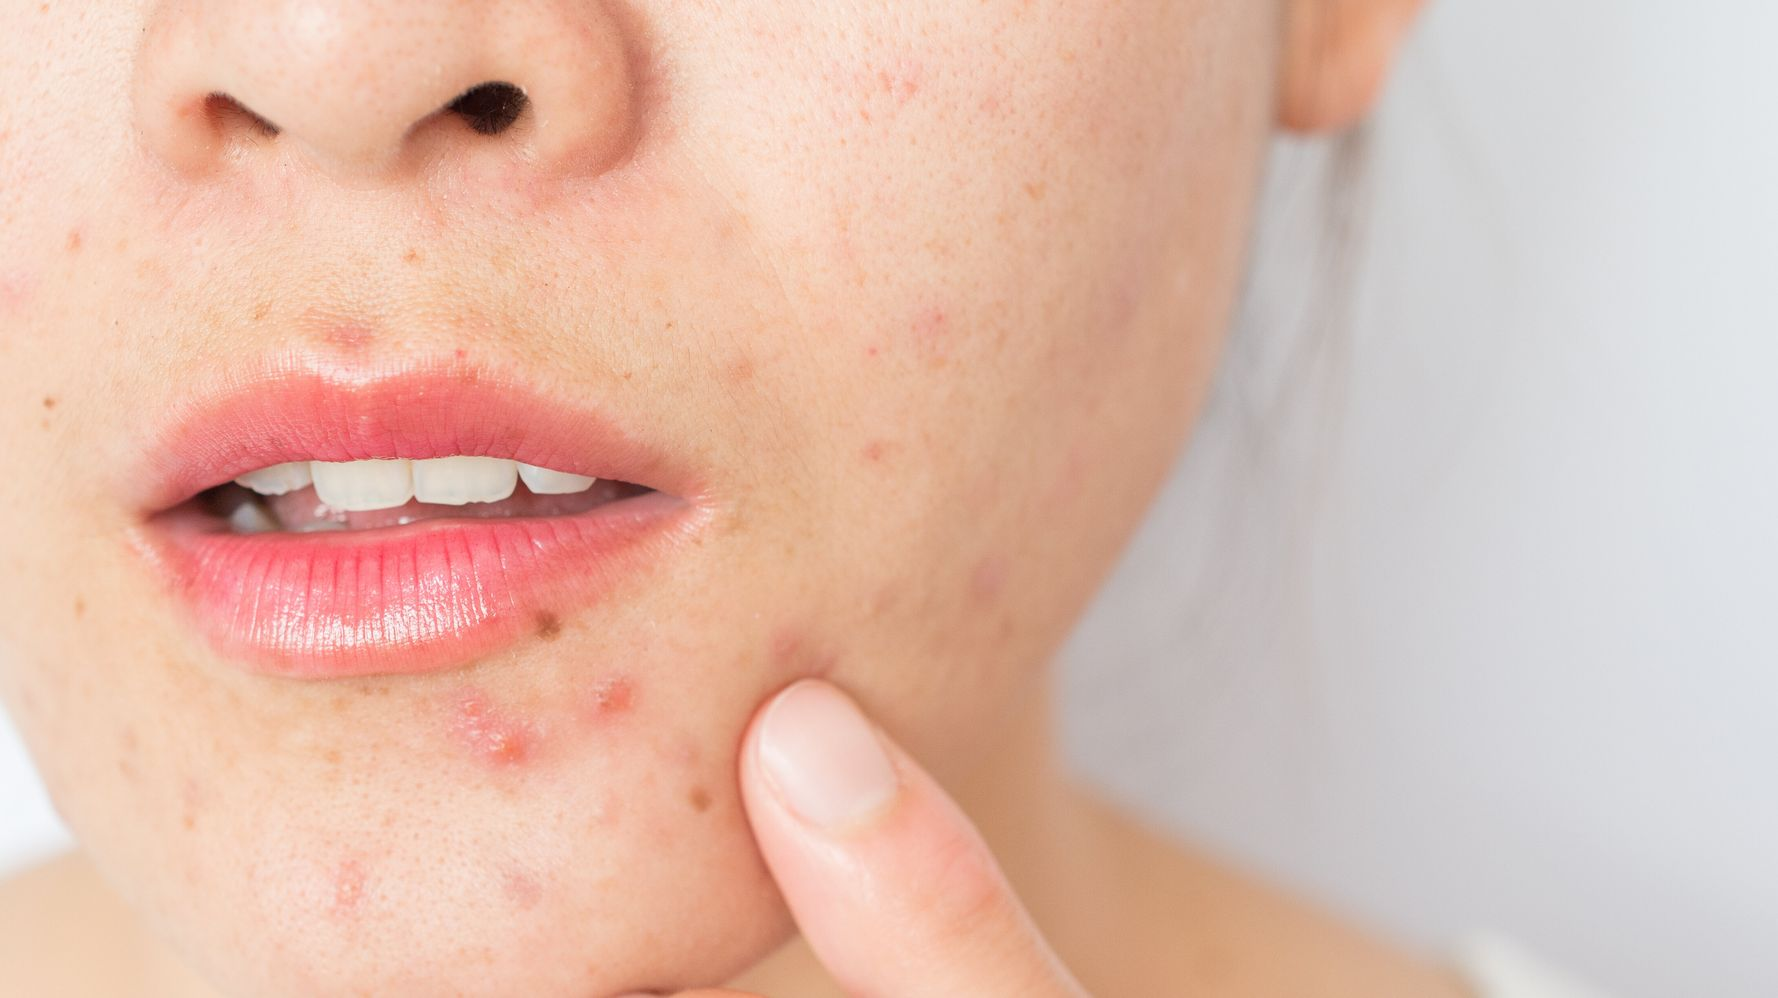 Maskné: tout ce qu'il faut savoir sur l'acné causée par le masque |  HuffPost Québec Vivre